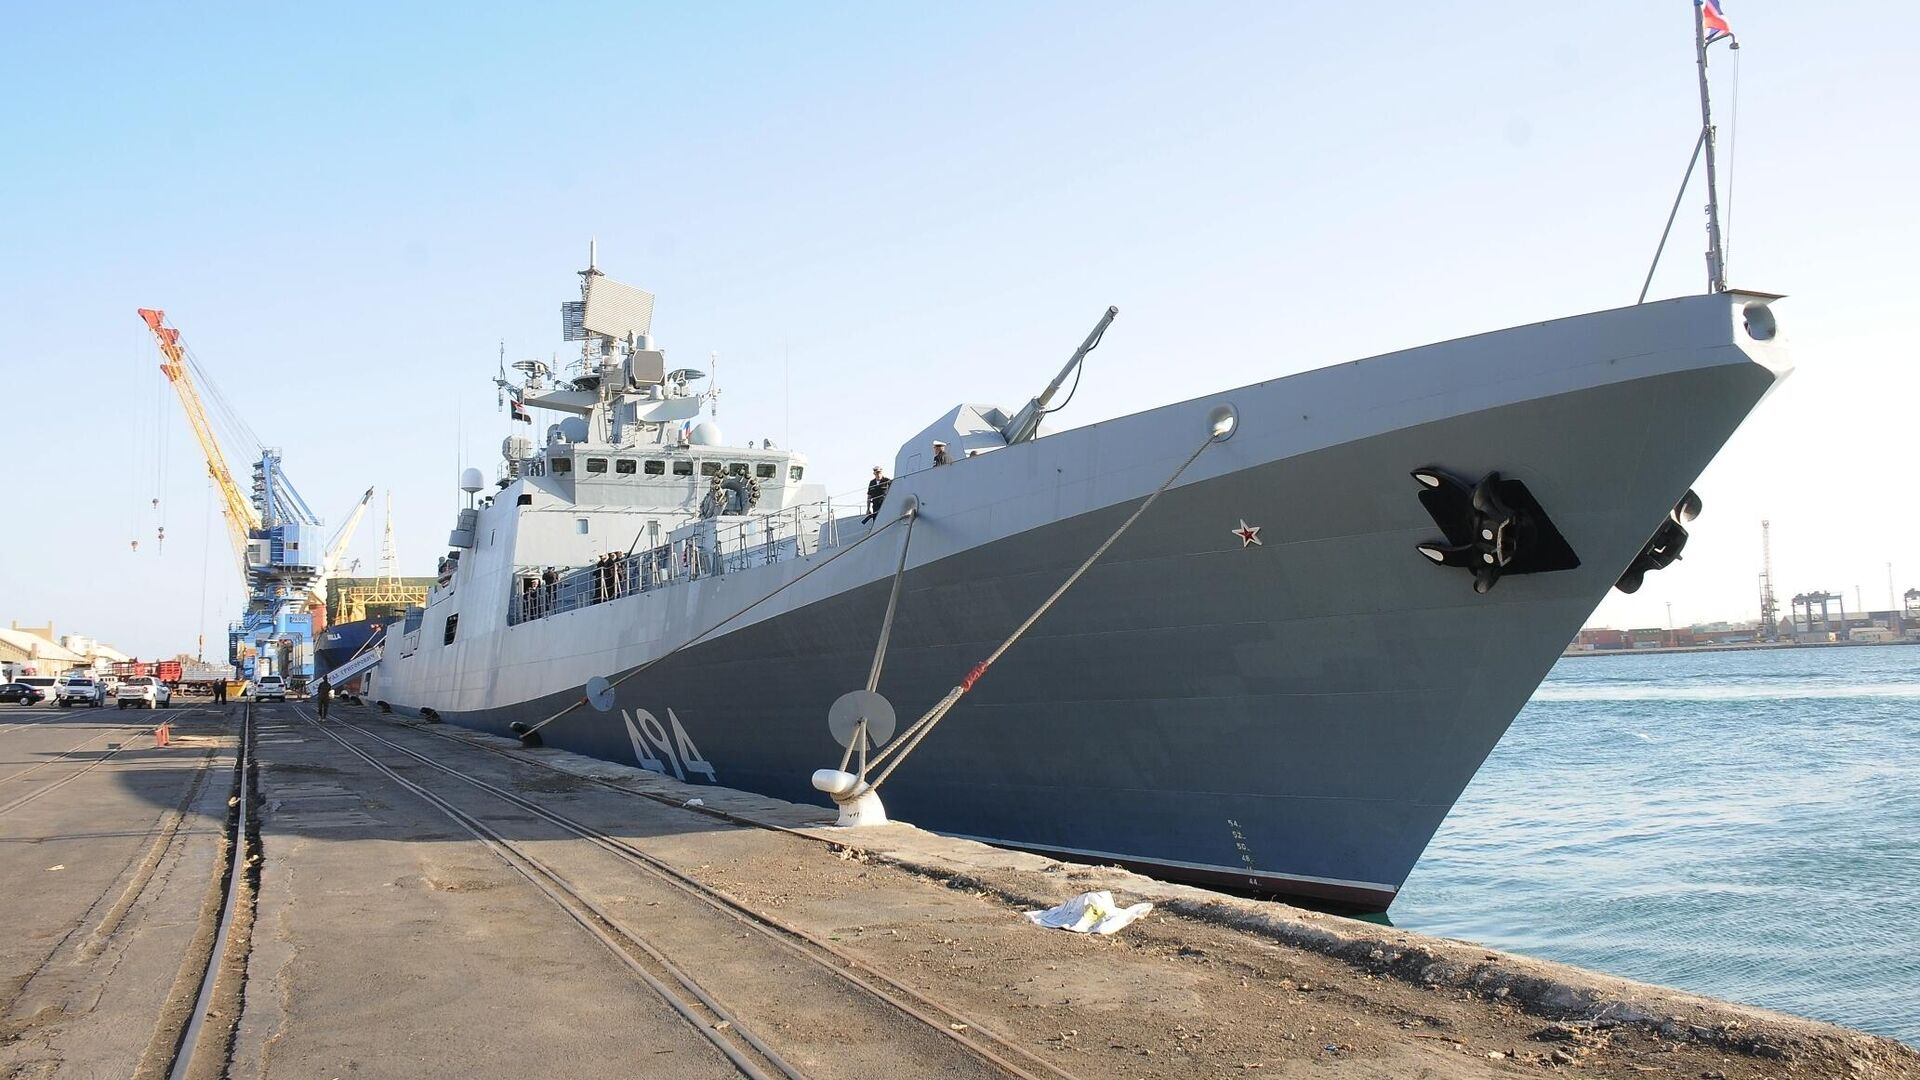 Мишустин подписал распоряжение о развитии морского порта Приморск